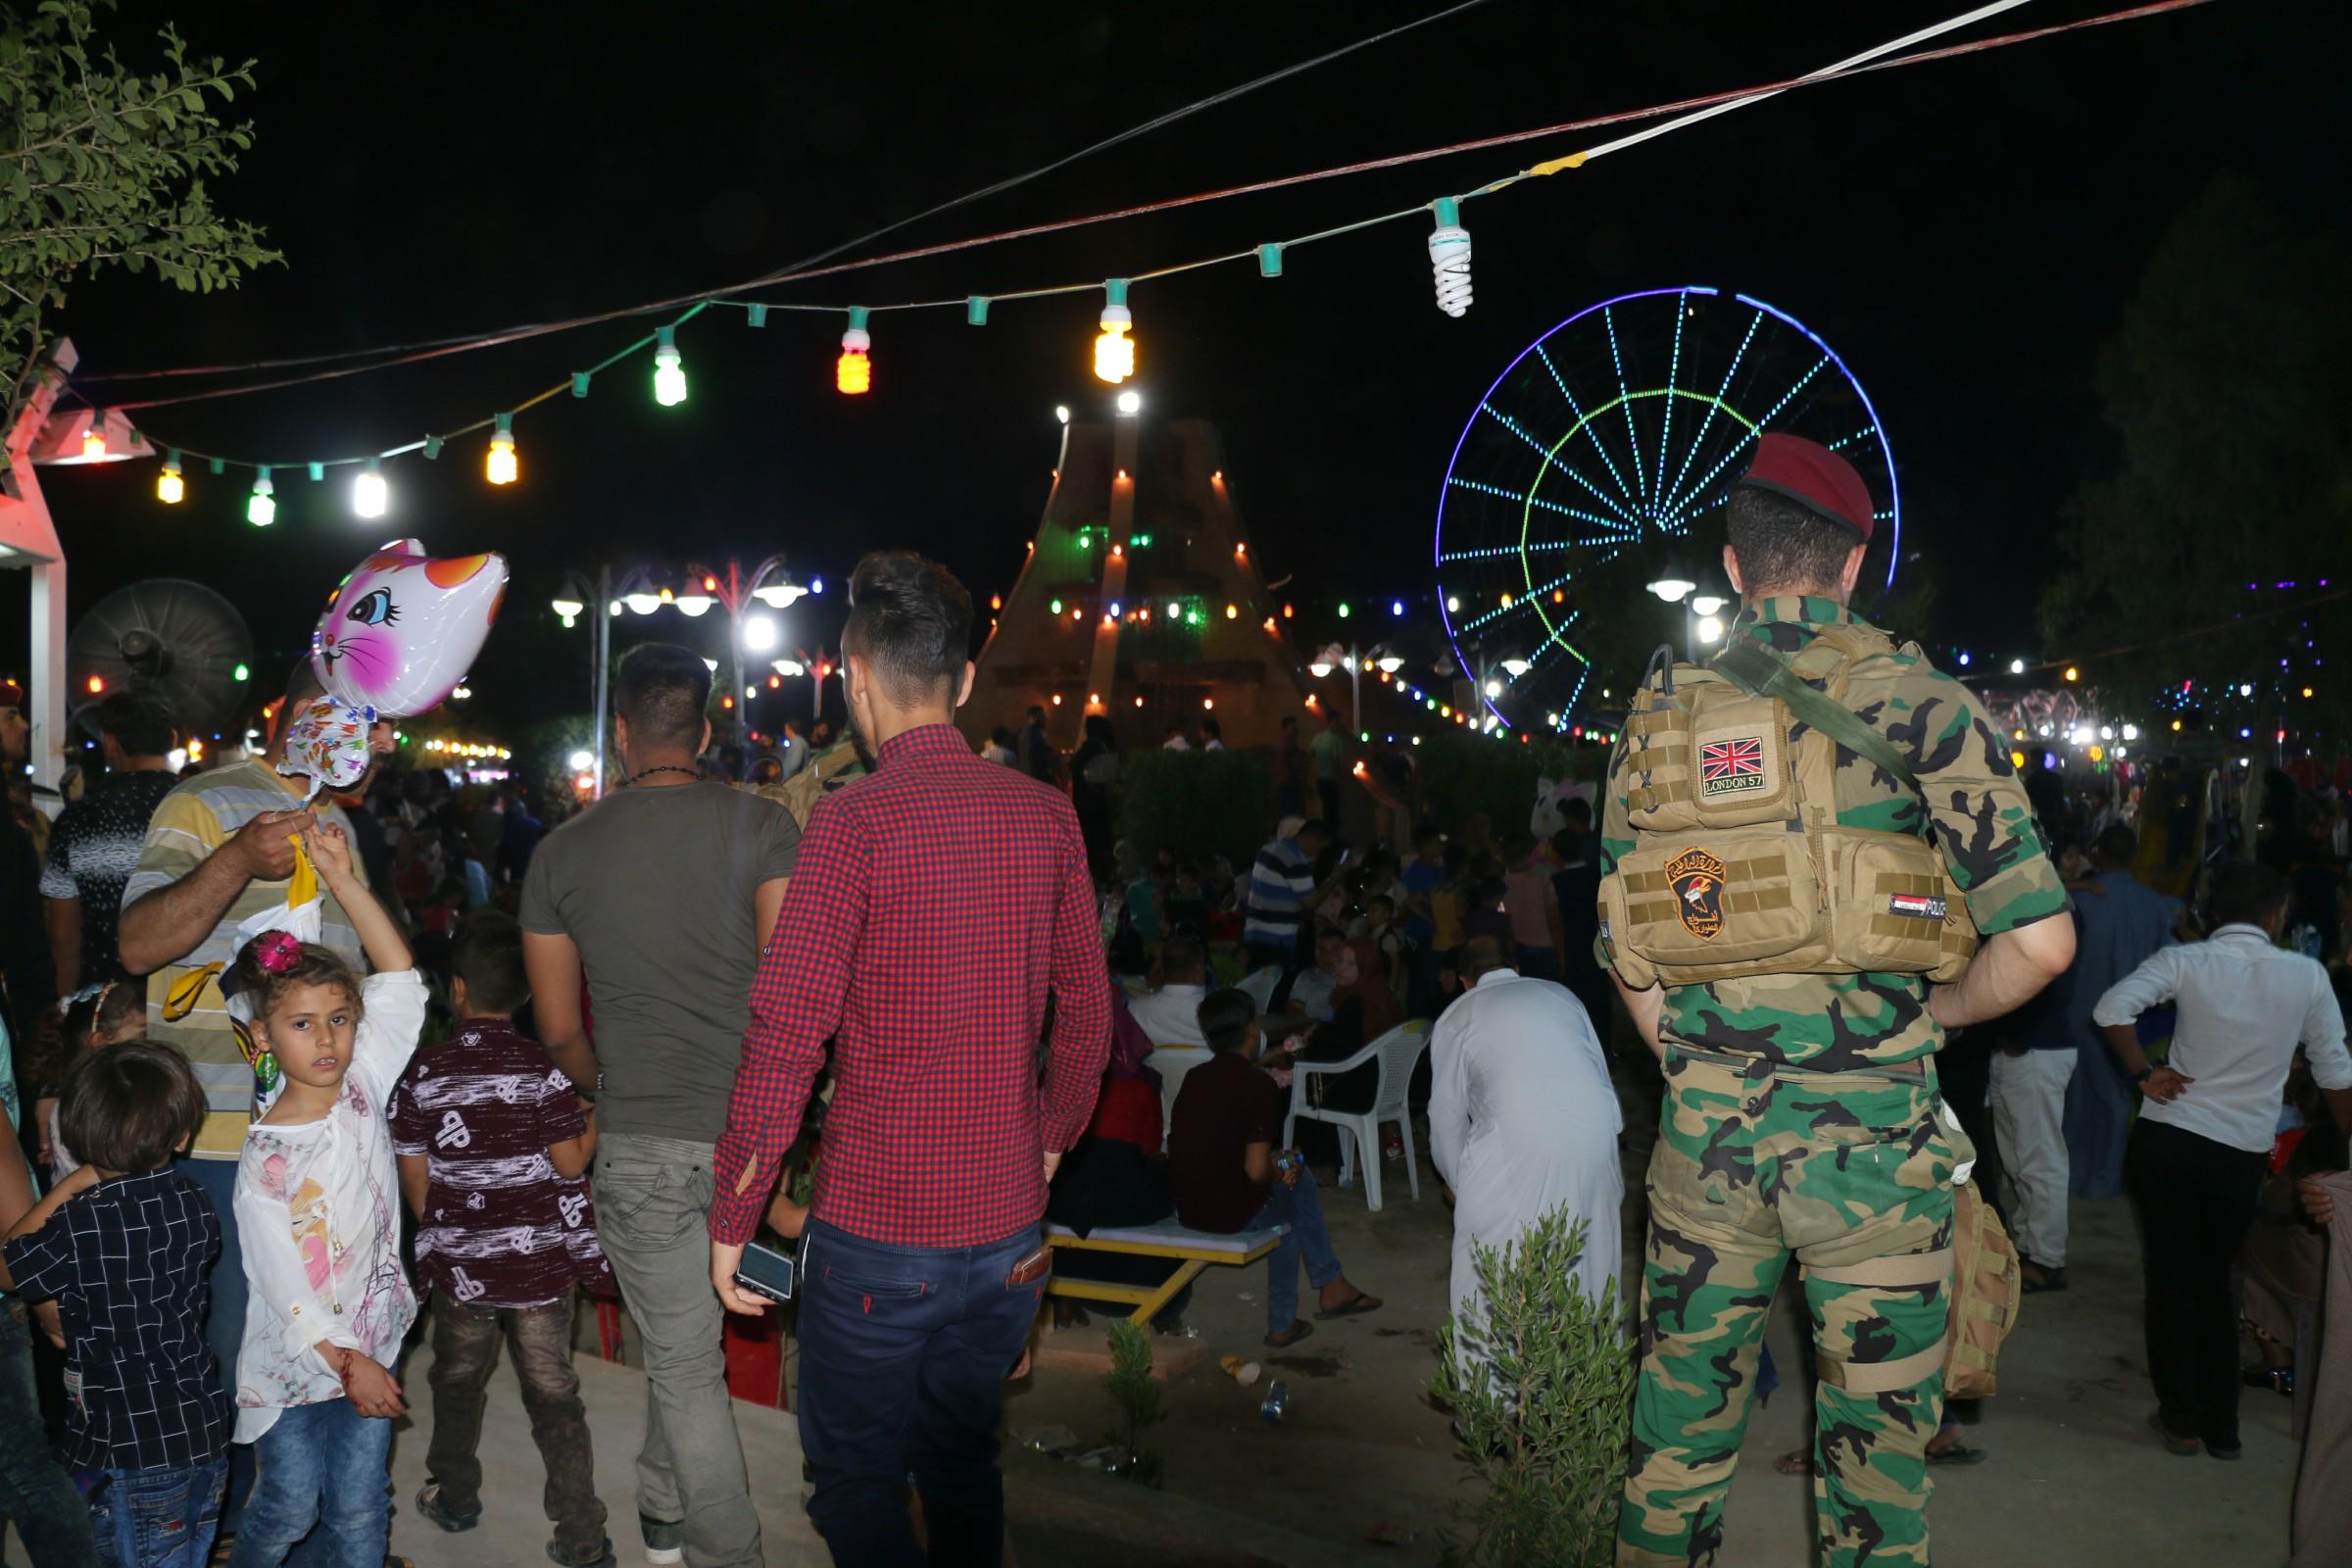 اصابة 7 مدنيين بانفجار قنبلة يدوية في مدينة العاب السندباد وسط الرمادي